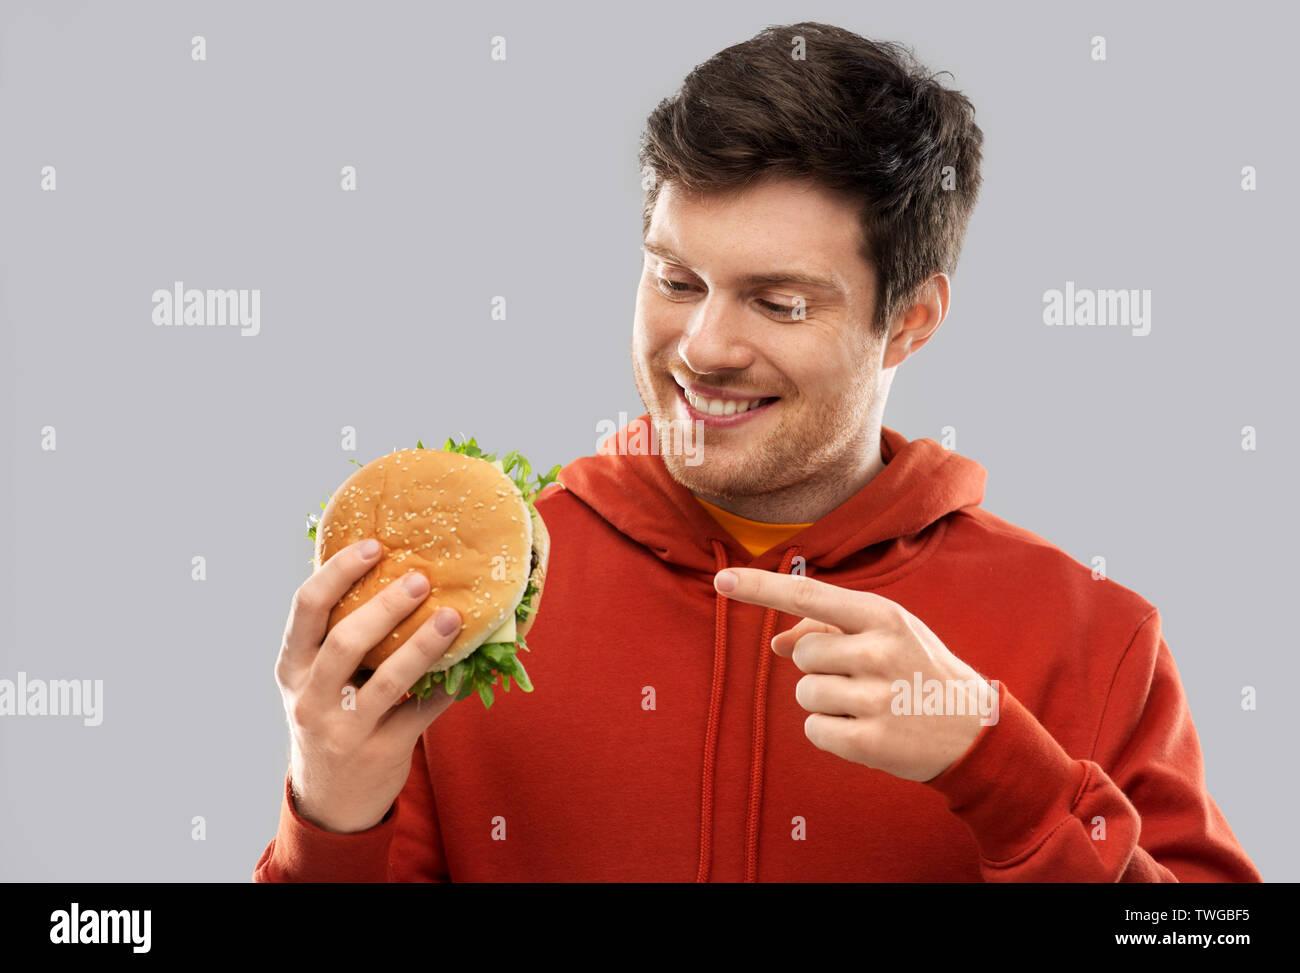 happy young man showing hamburger - Stock Image